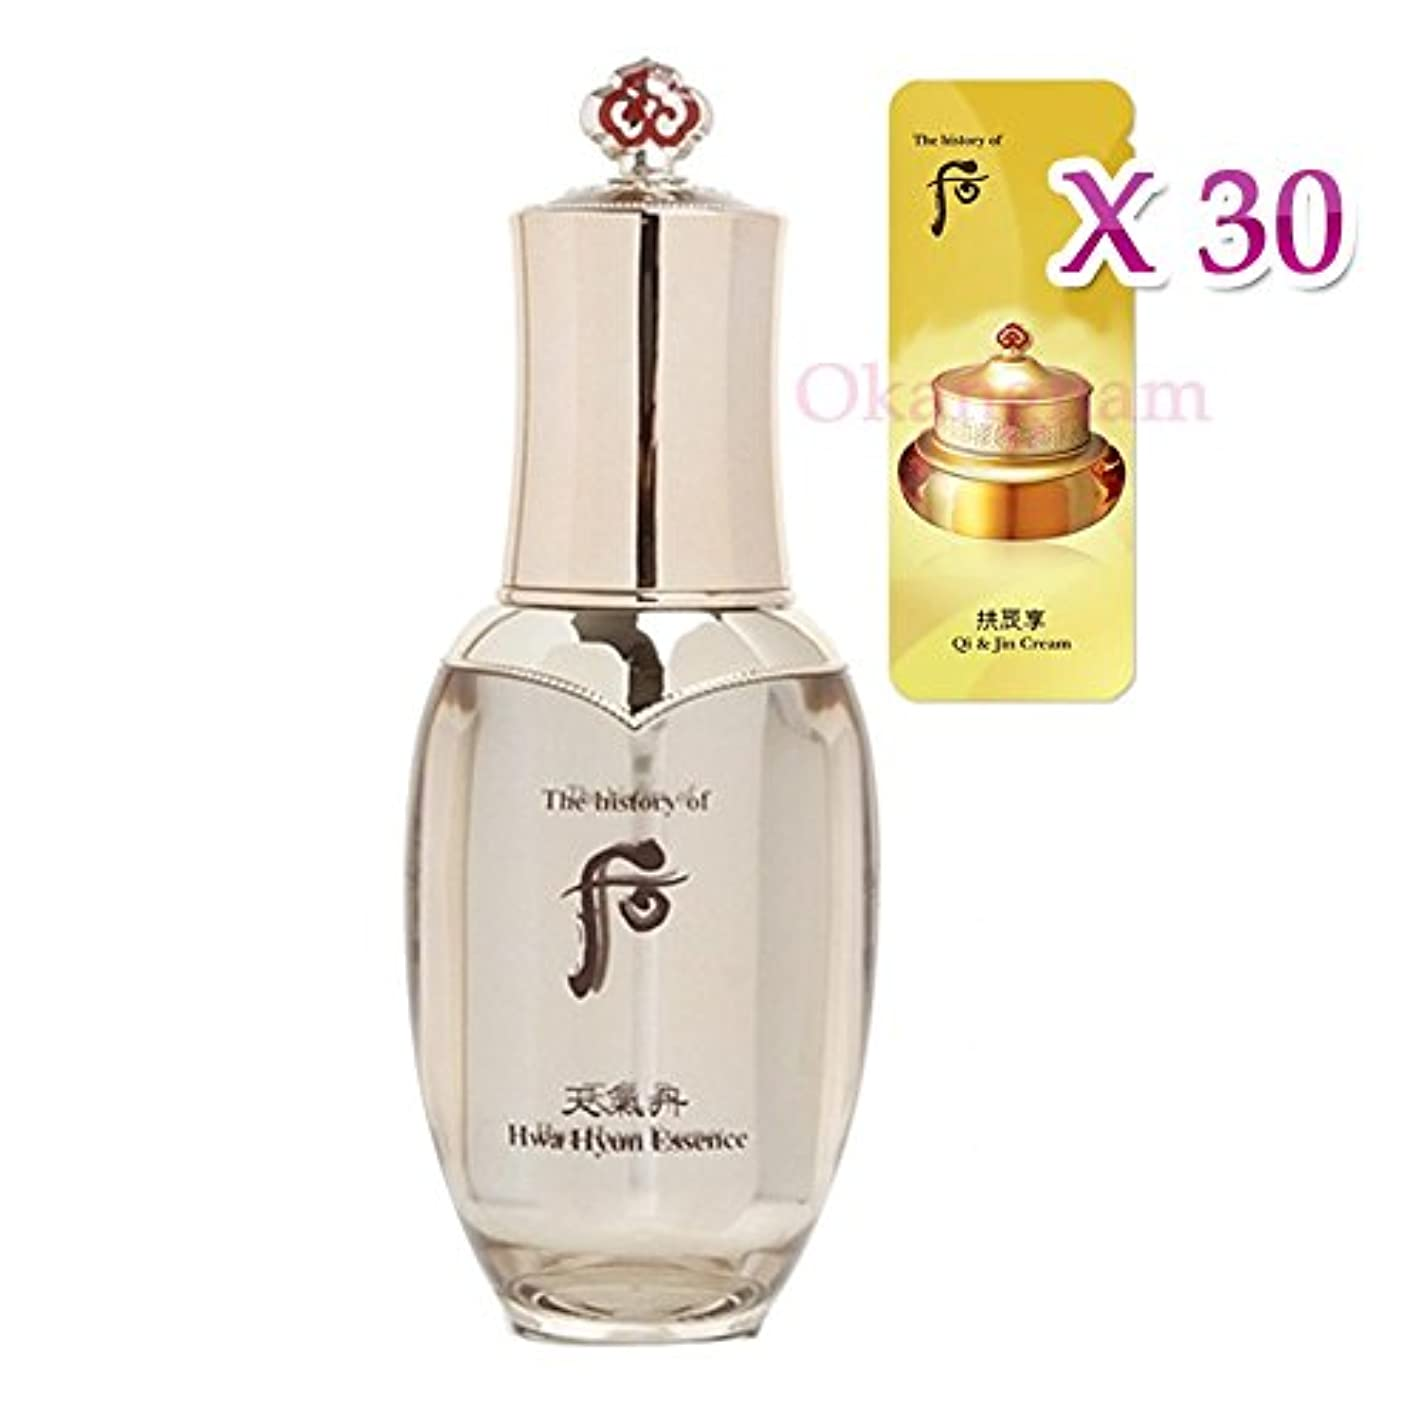 二次告白おなじみの【フー/The history of whoo] Whoo 后 CK03 Hwahyun Essence/后(フー) 天気丹(チョンギダン) ファヒョンエッセンス50ml + [Sample Gift](海外直送品)